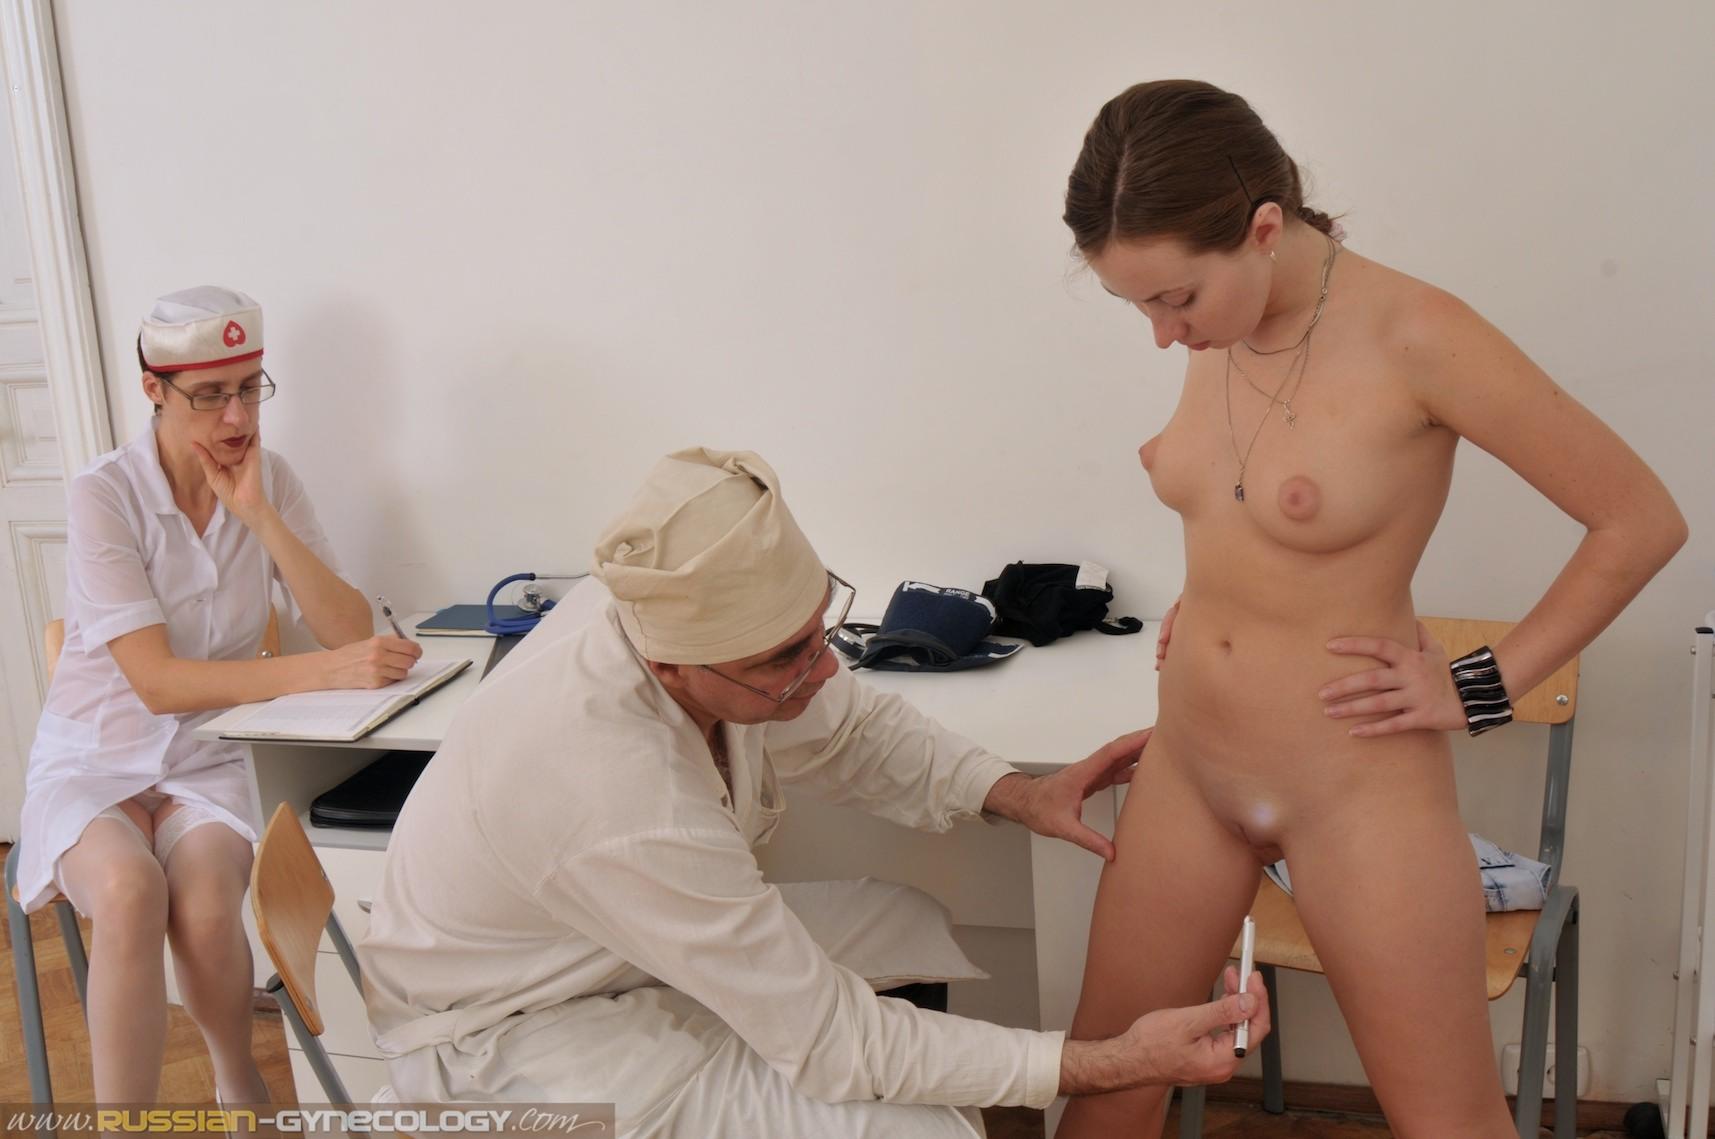 порно фото на осмотре у доктора набережные челныиндустрия интим